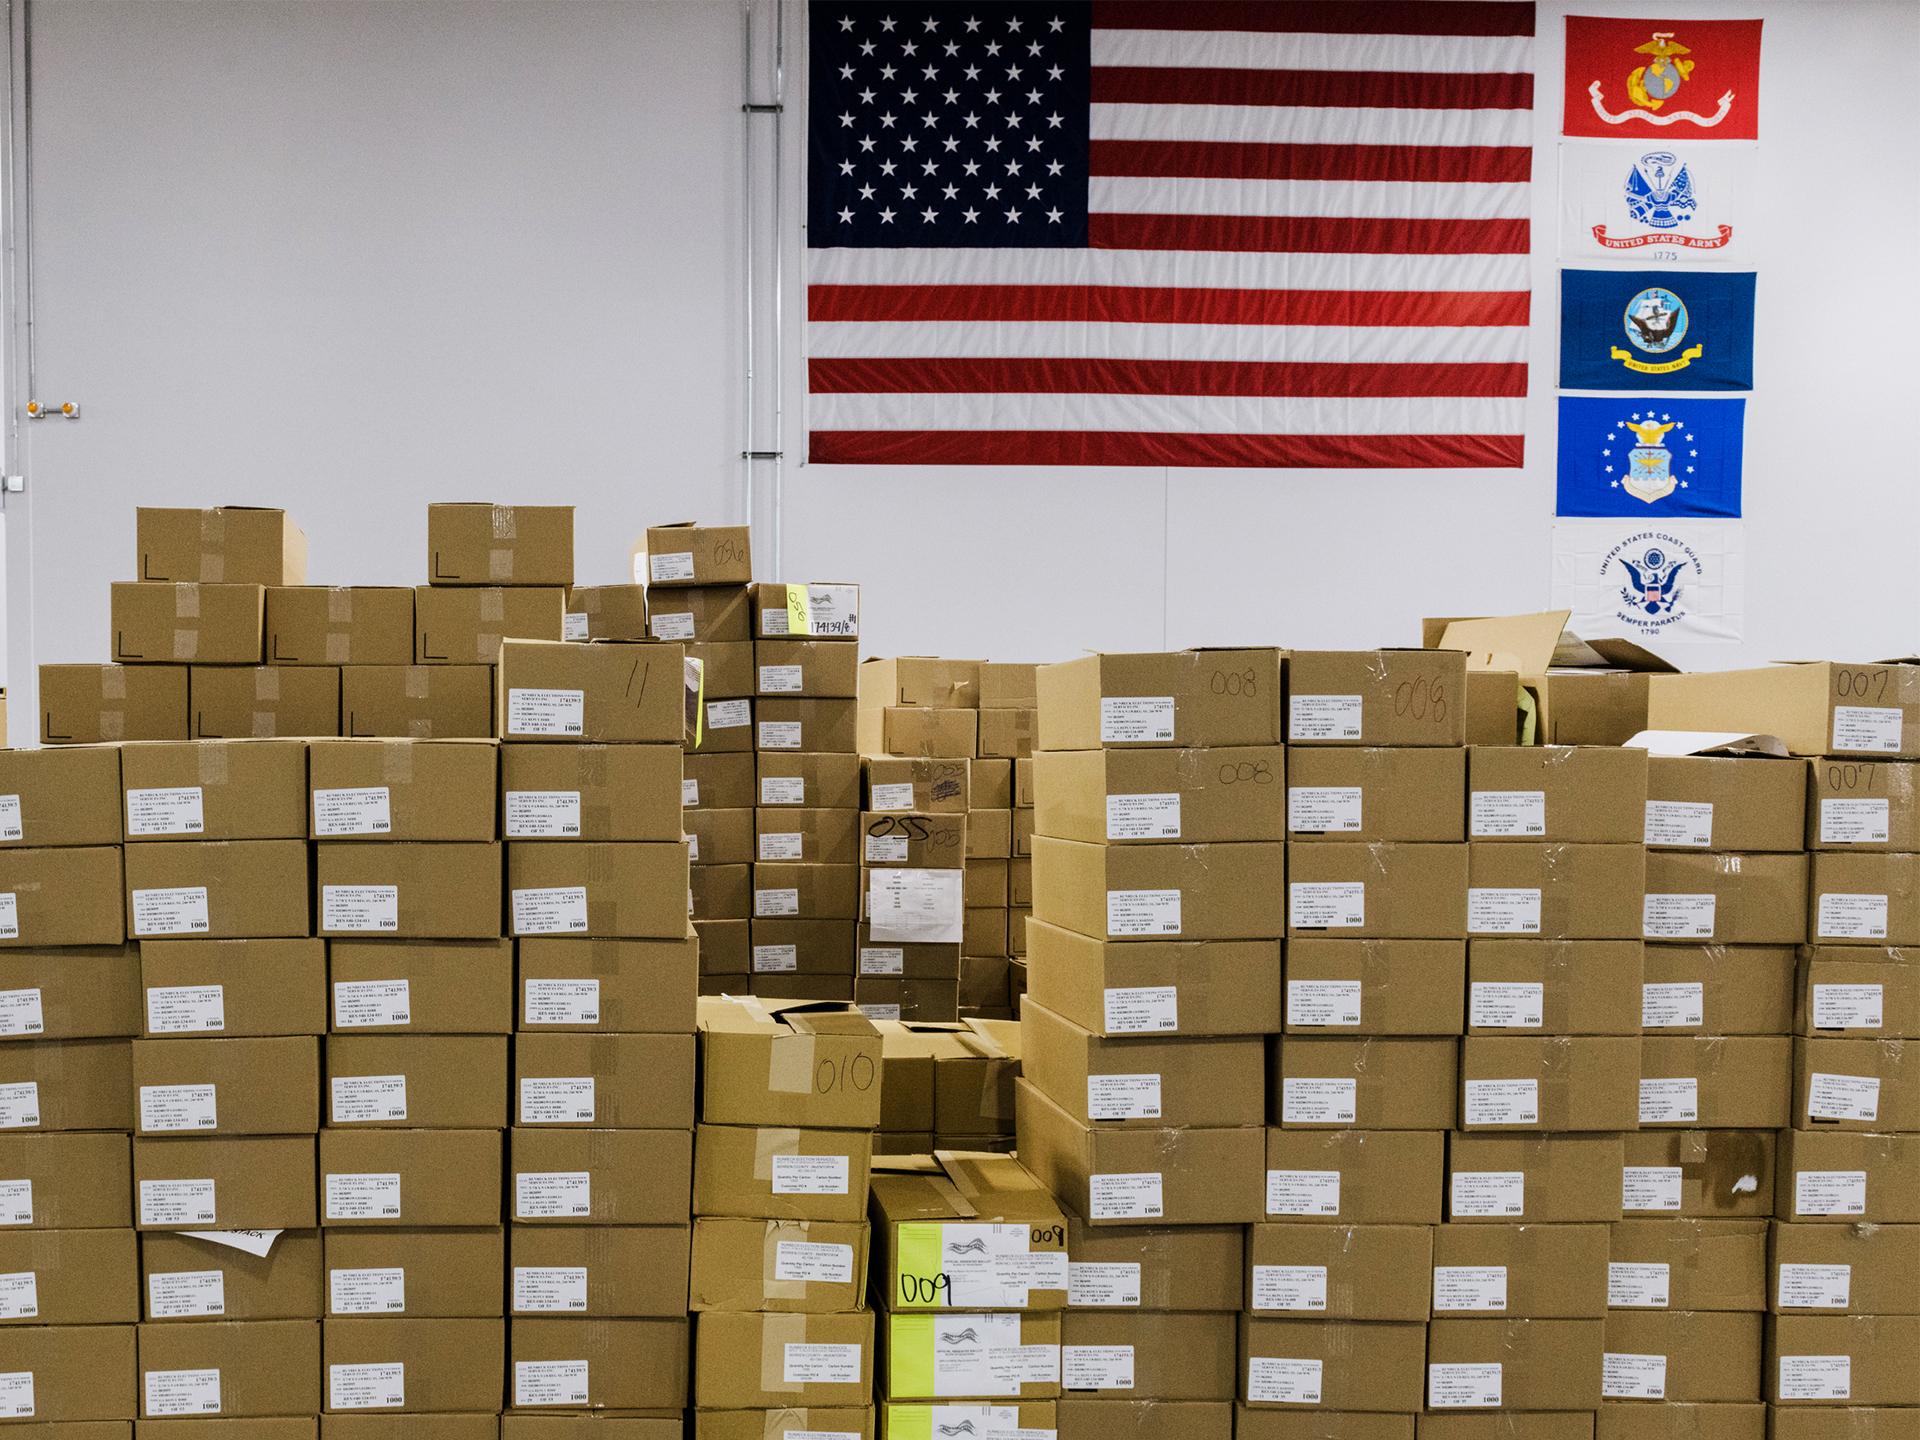 Les services électoraux de Runbeck impriment, trient et compilent les bulletins de vote postal pour les élections à travers le pays. Ce lot comprenait